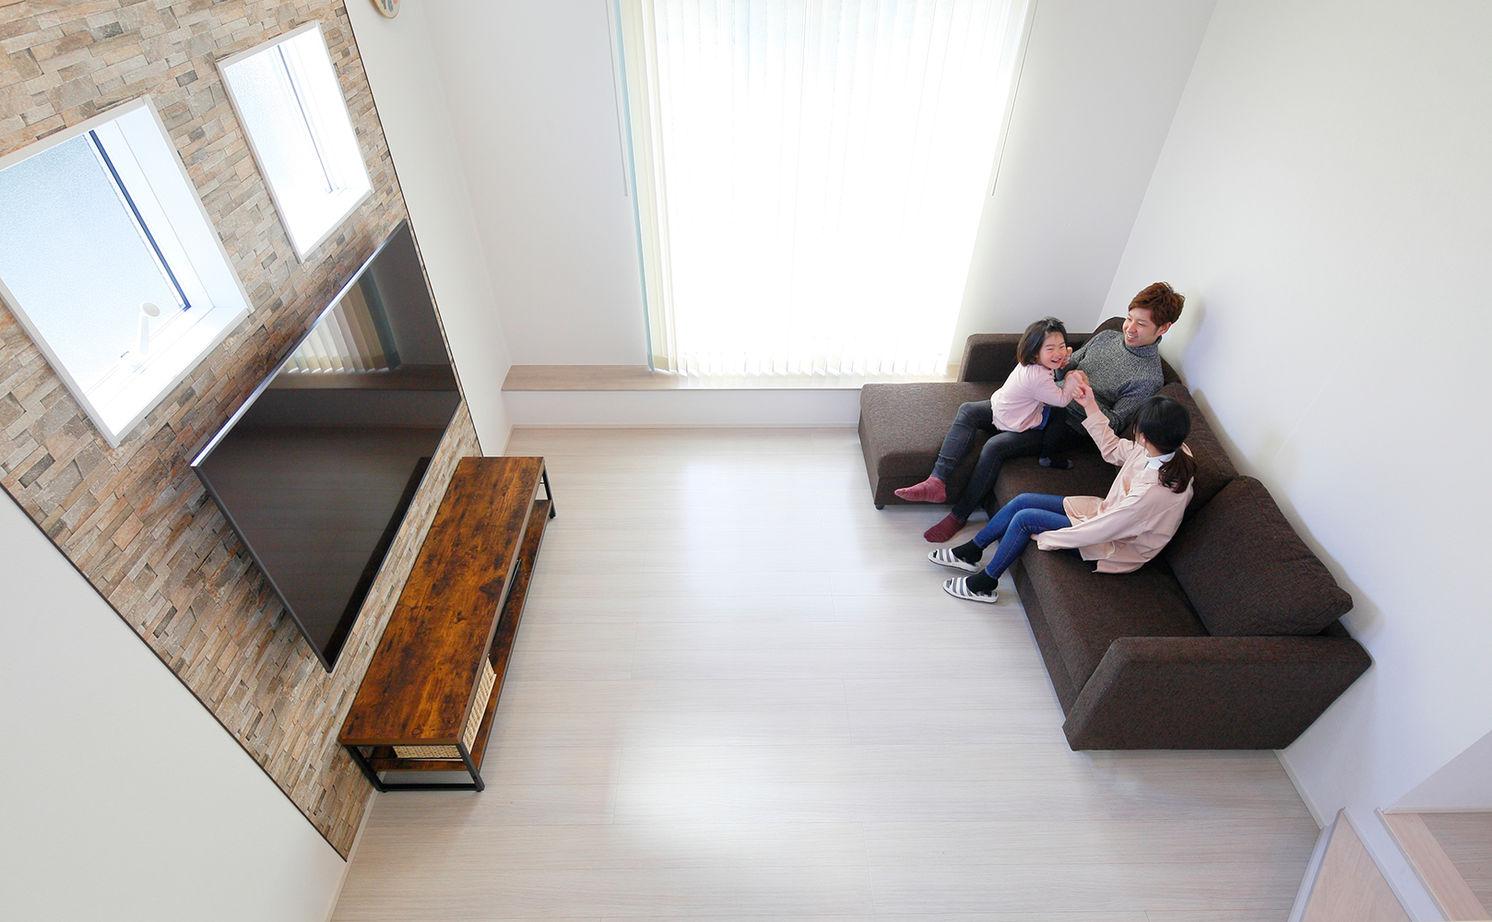 【建物本体価格2100万円/間取り図有】スキップフロアで繋がる空間は「家族がいつも一緒だと感じられます」画像3